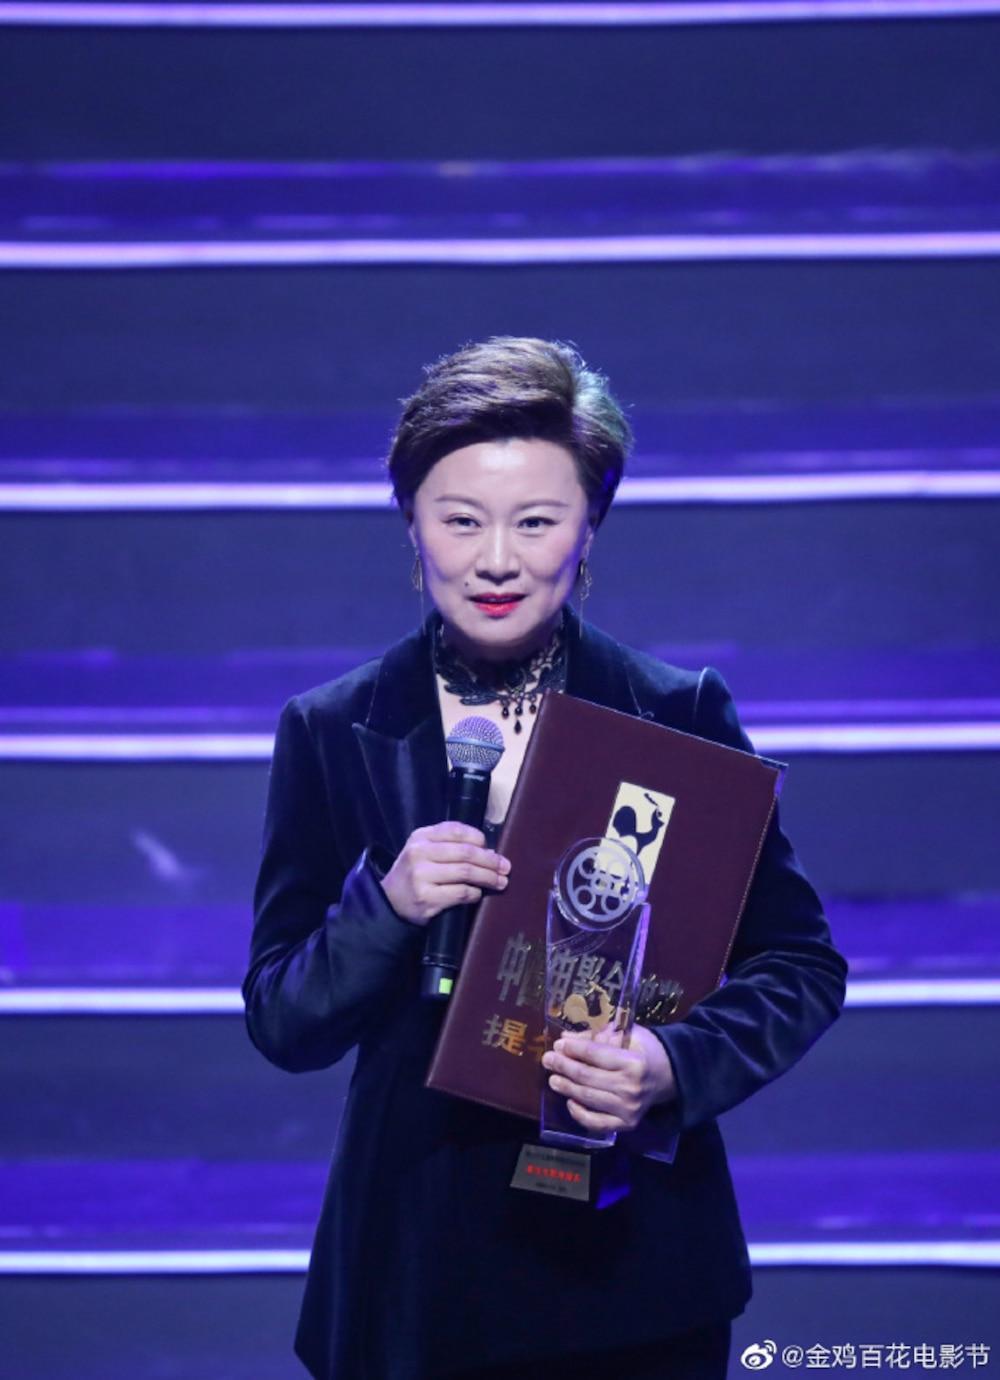 Dịch Dương Thiên Tỉ - Châu Đông Vũ cùng nhận thưởng đề cử, Huỳnh Hiểu Minh phát biểu gây chú ý Ảnh 8